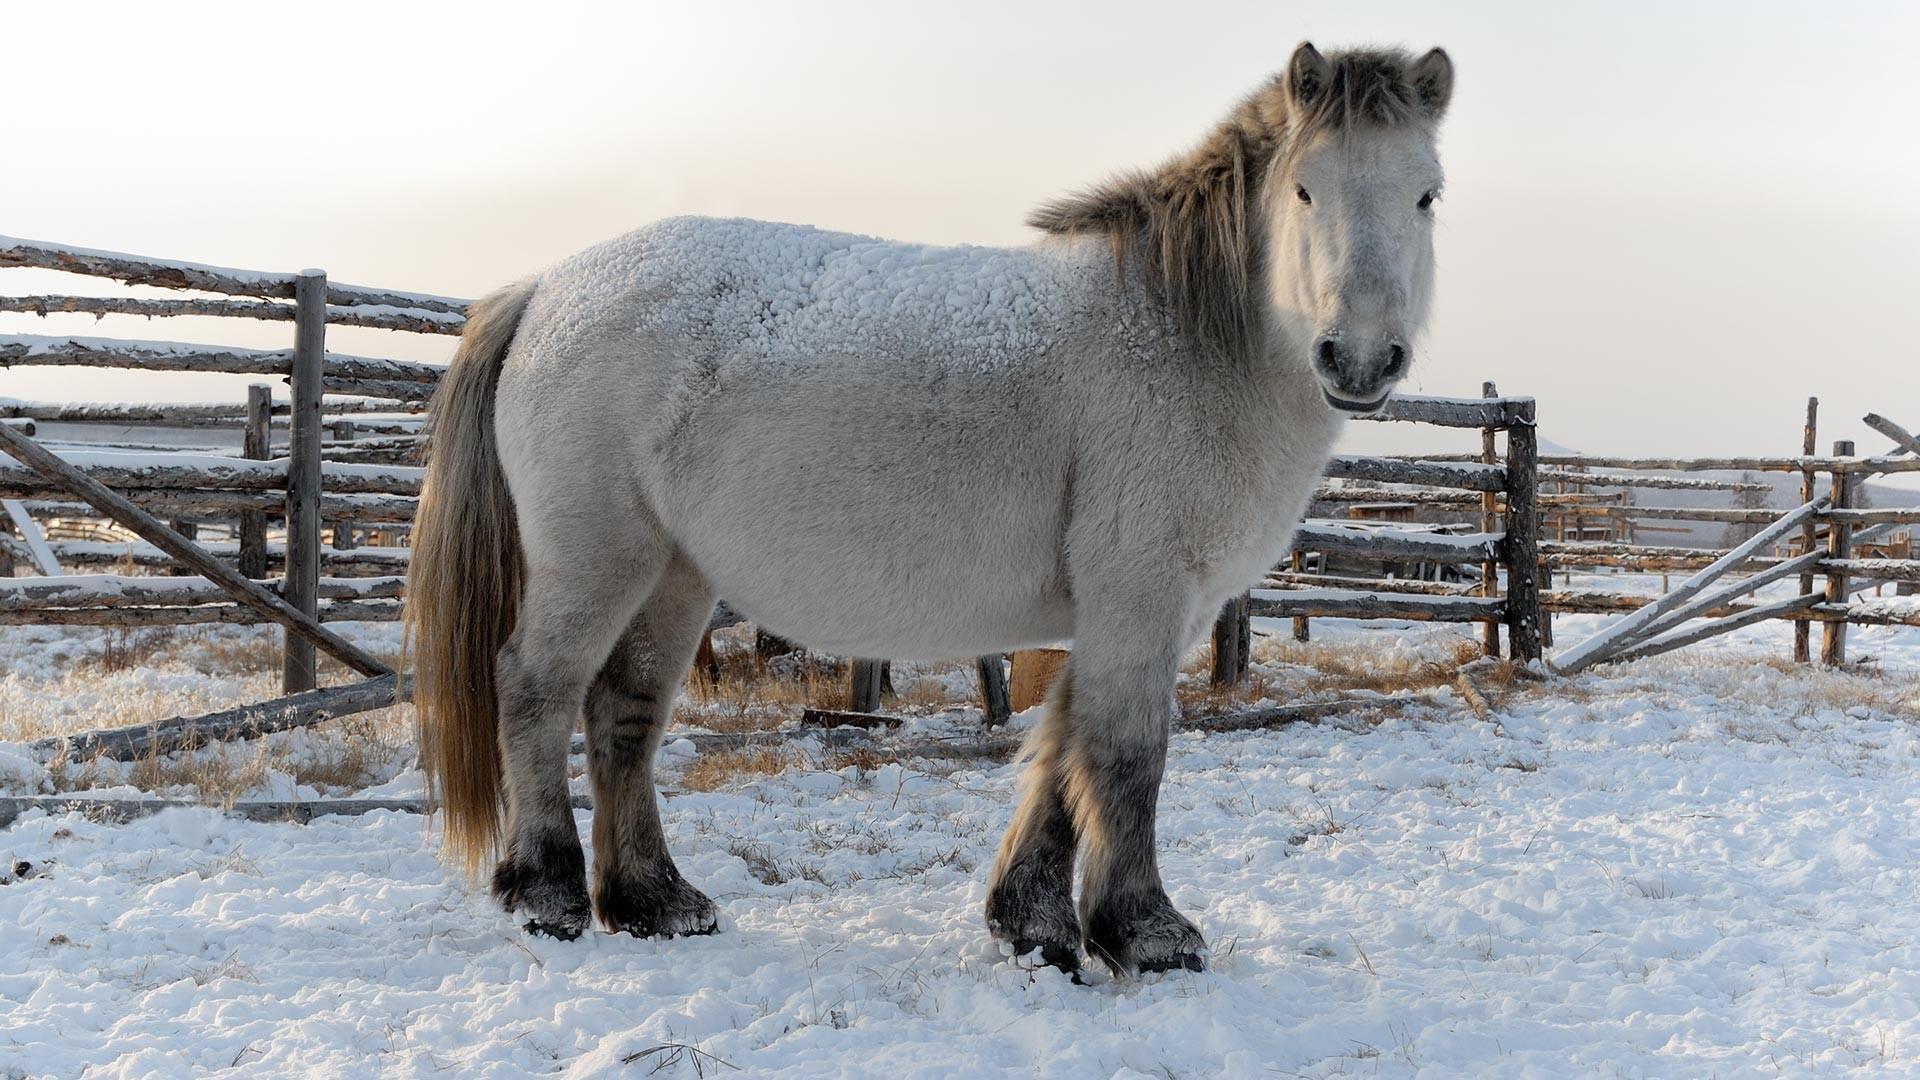 Јакутски коњ